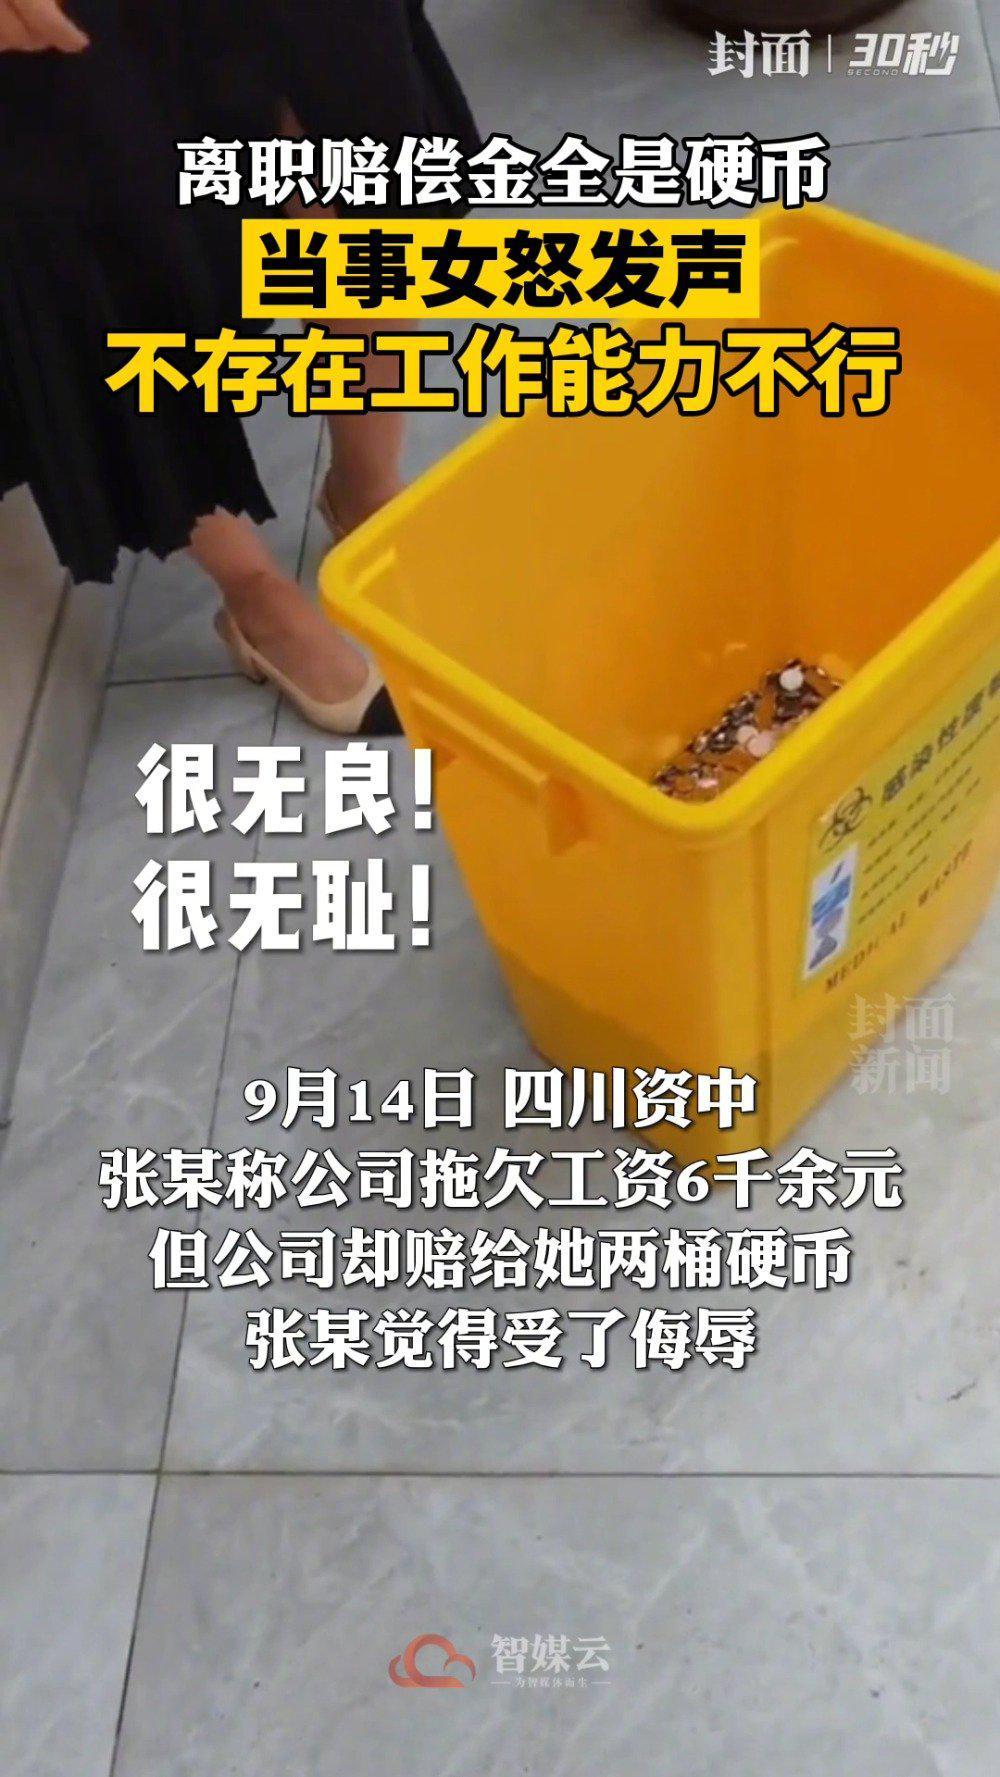 """6000元硬币赔偿金当事人收到转账 将起诉美容院""""诽谤"""""""